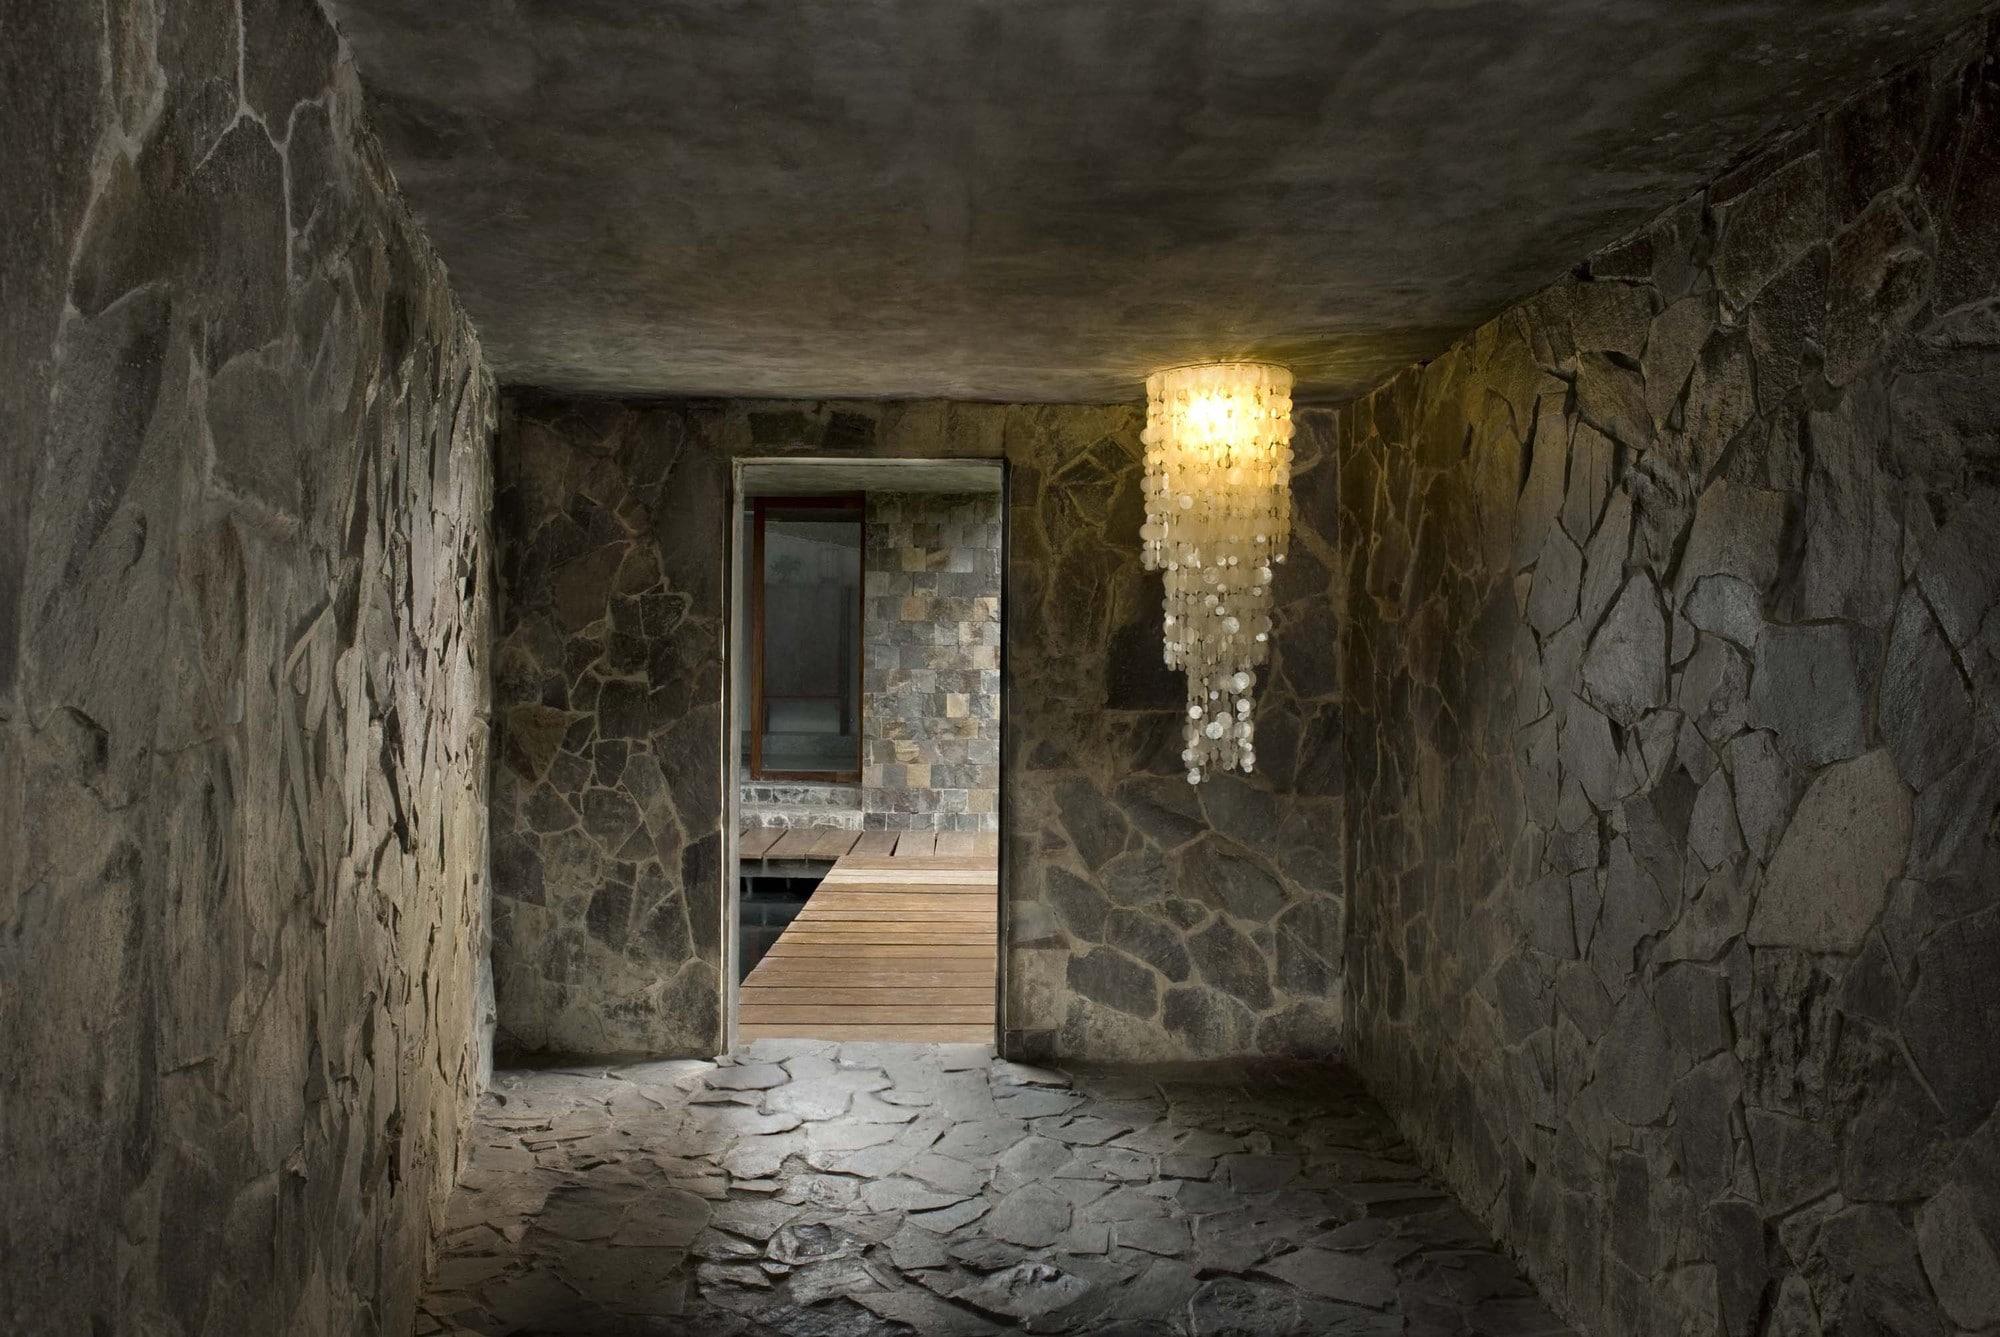 Dise o de casa r stica fachada interiores y planos - Pared de piedra interior ...